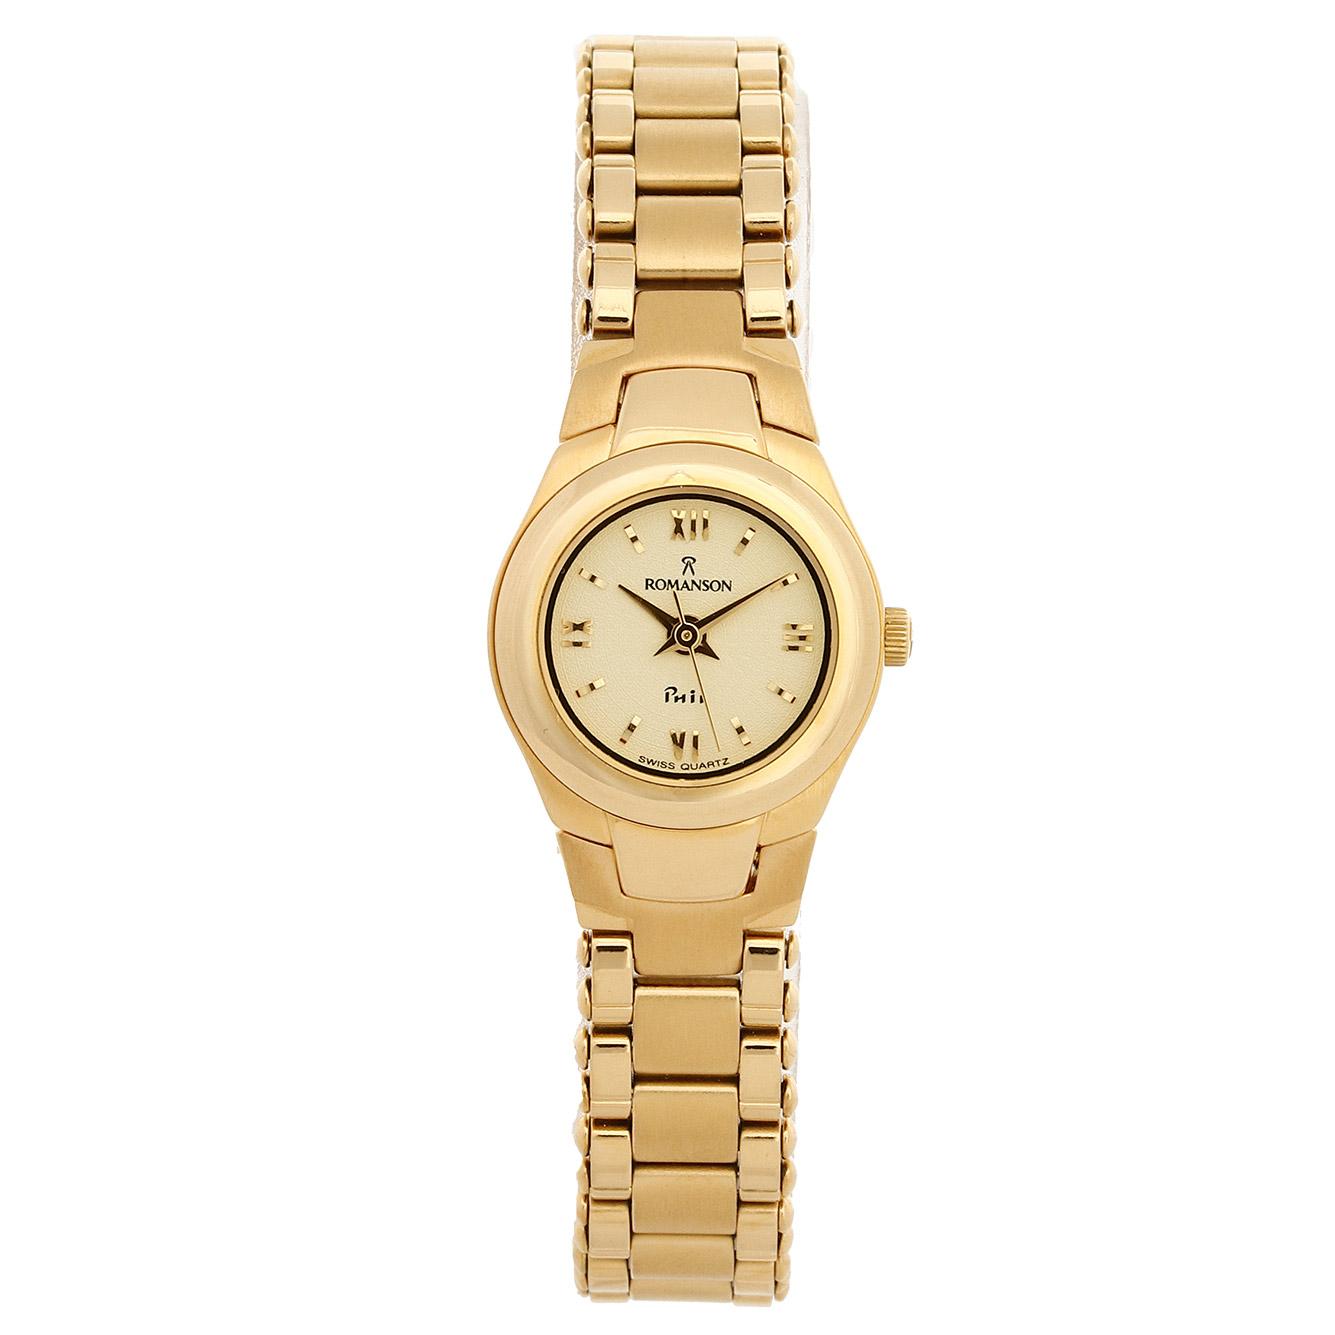 ساعت مچی عقربه ای زنانه رومانسون مدل NM4514LL1GA81G